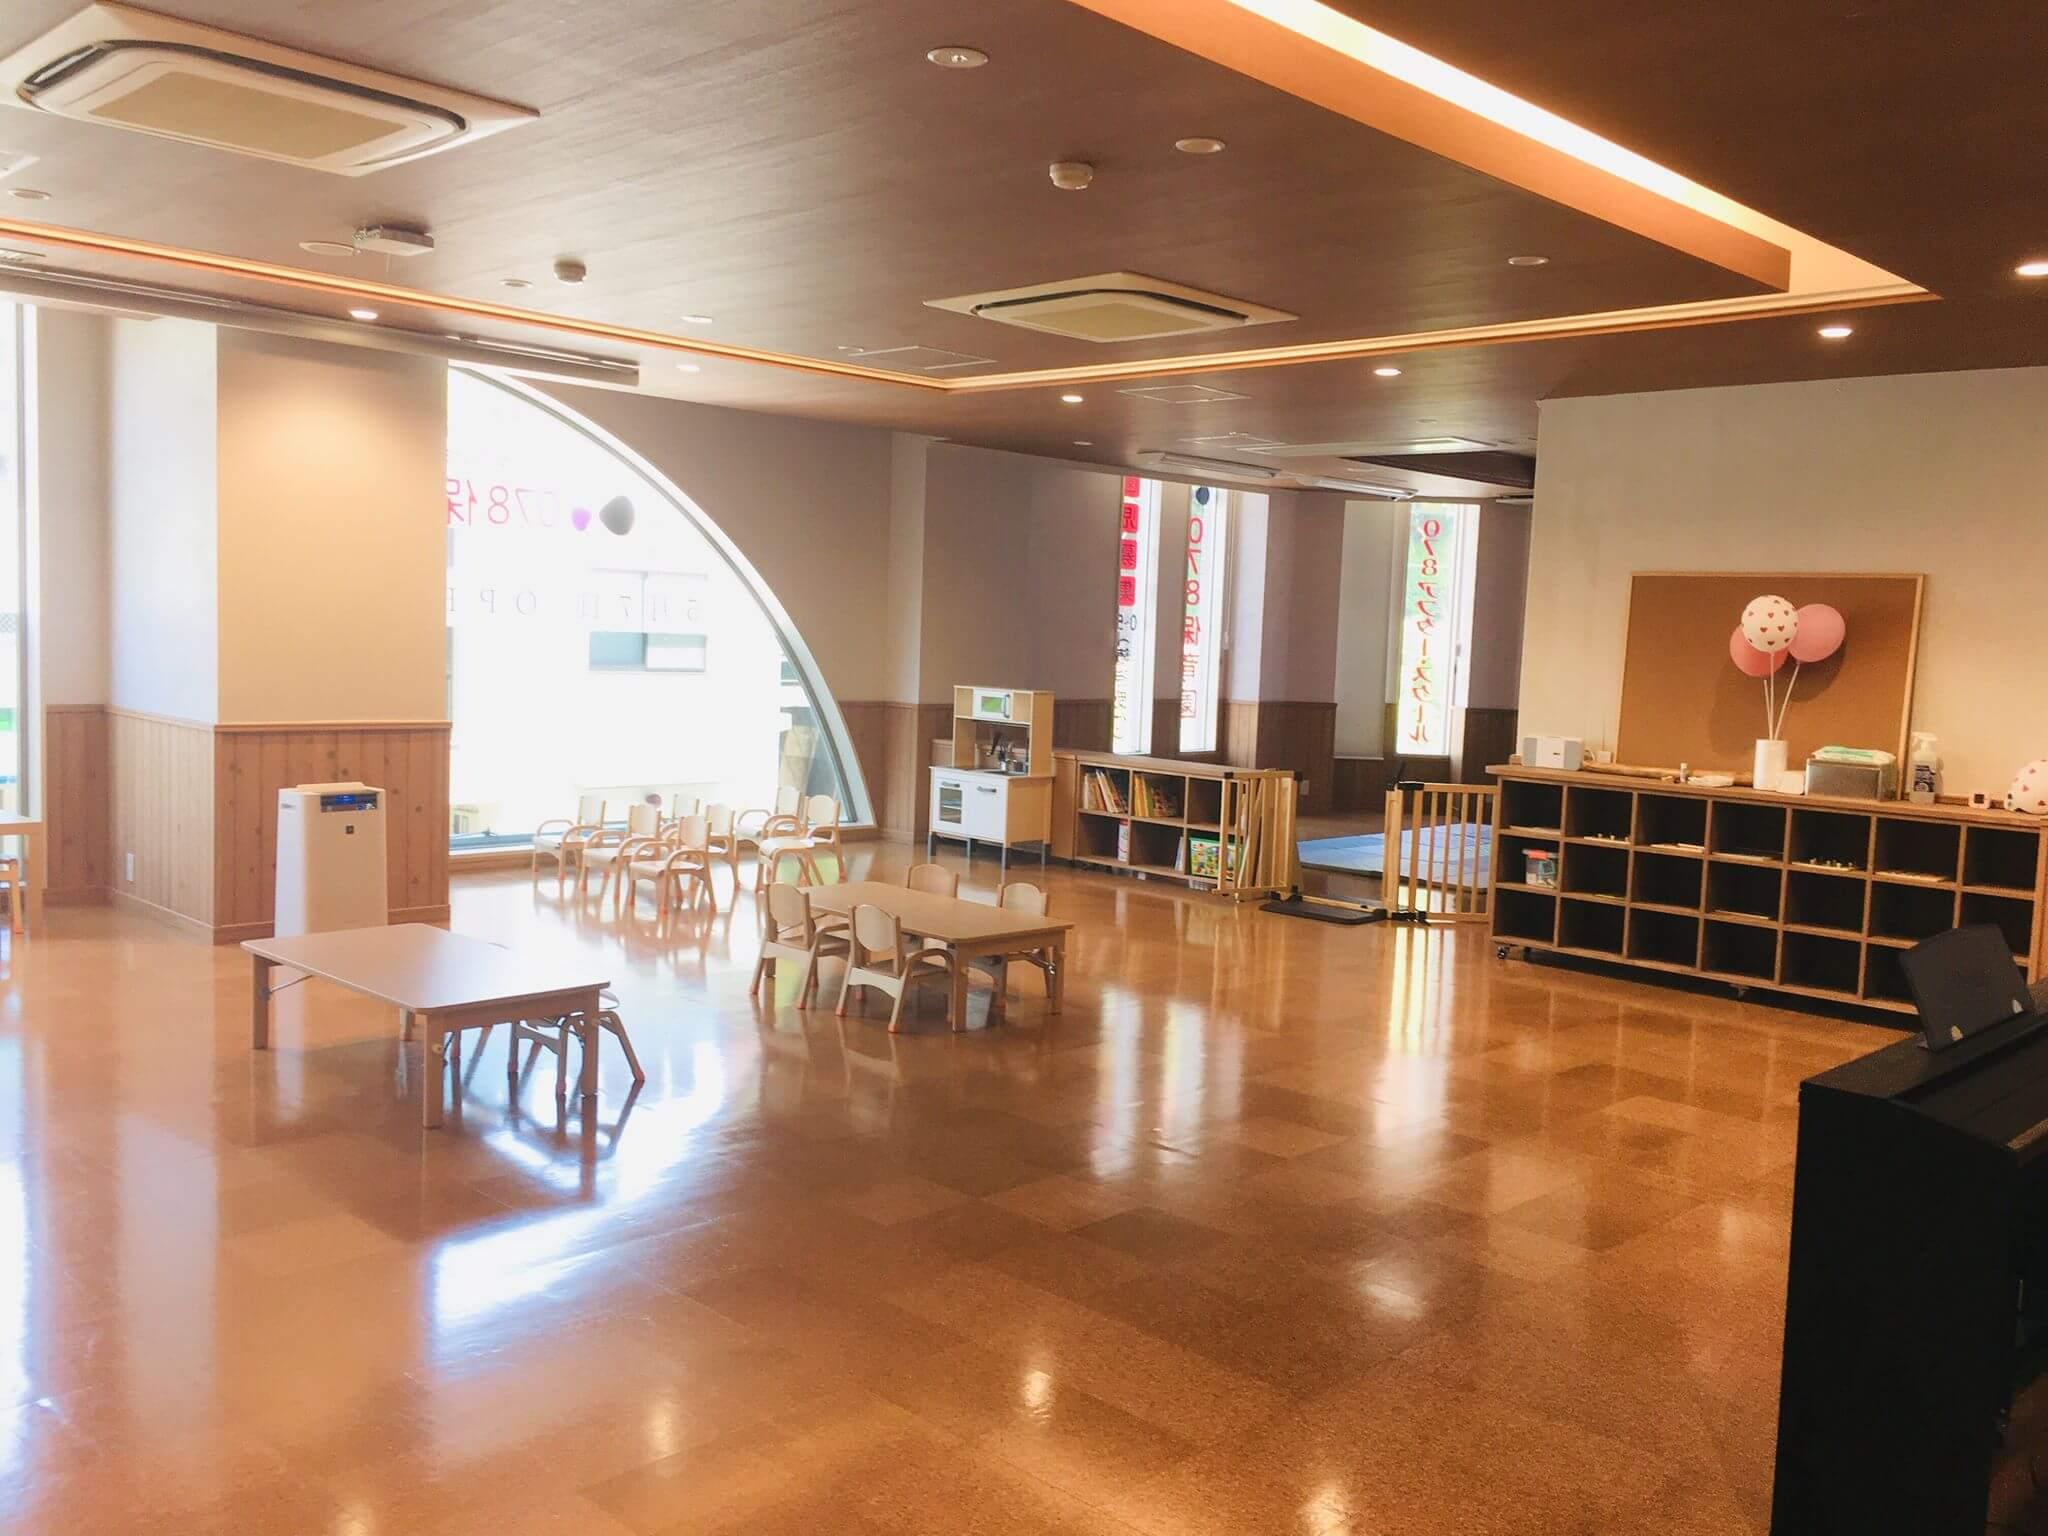 神戸市東灘区御影の保育園コワーキングスペース078withkids